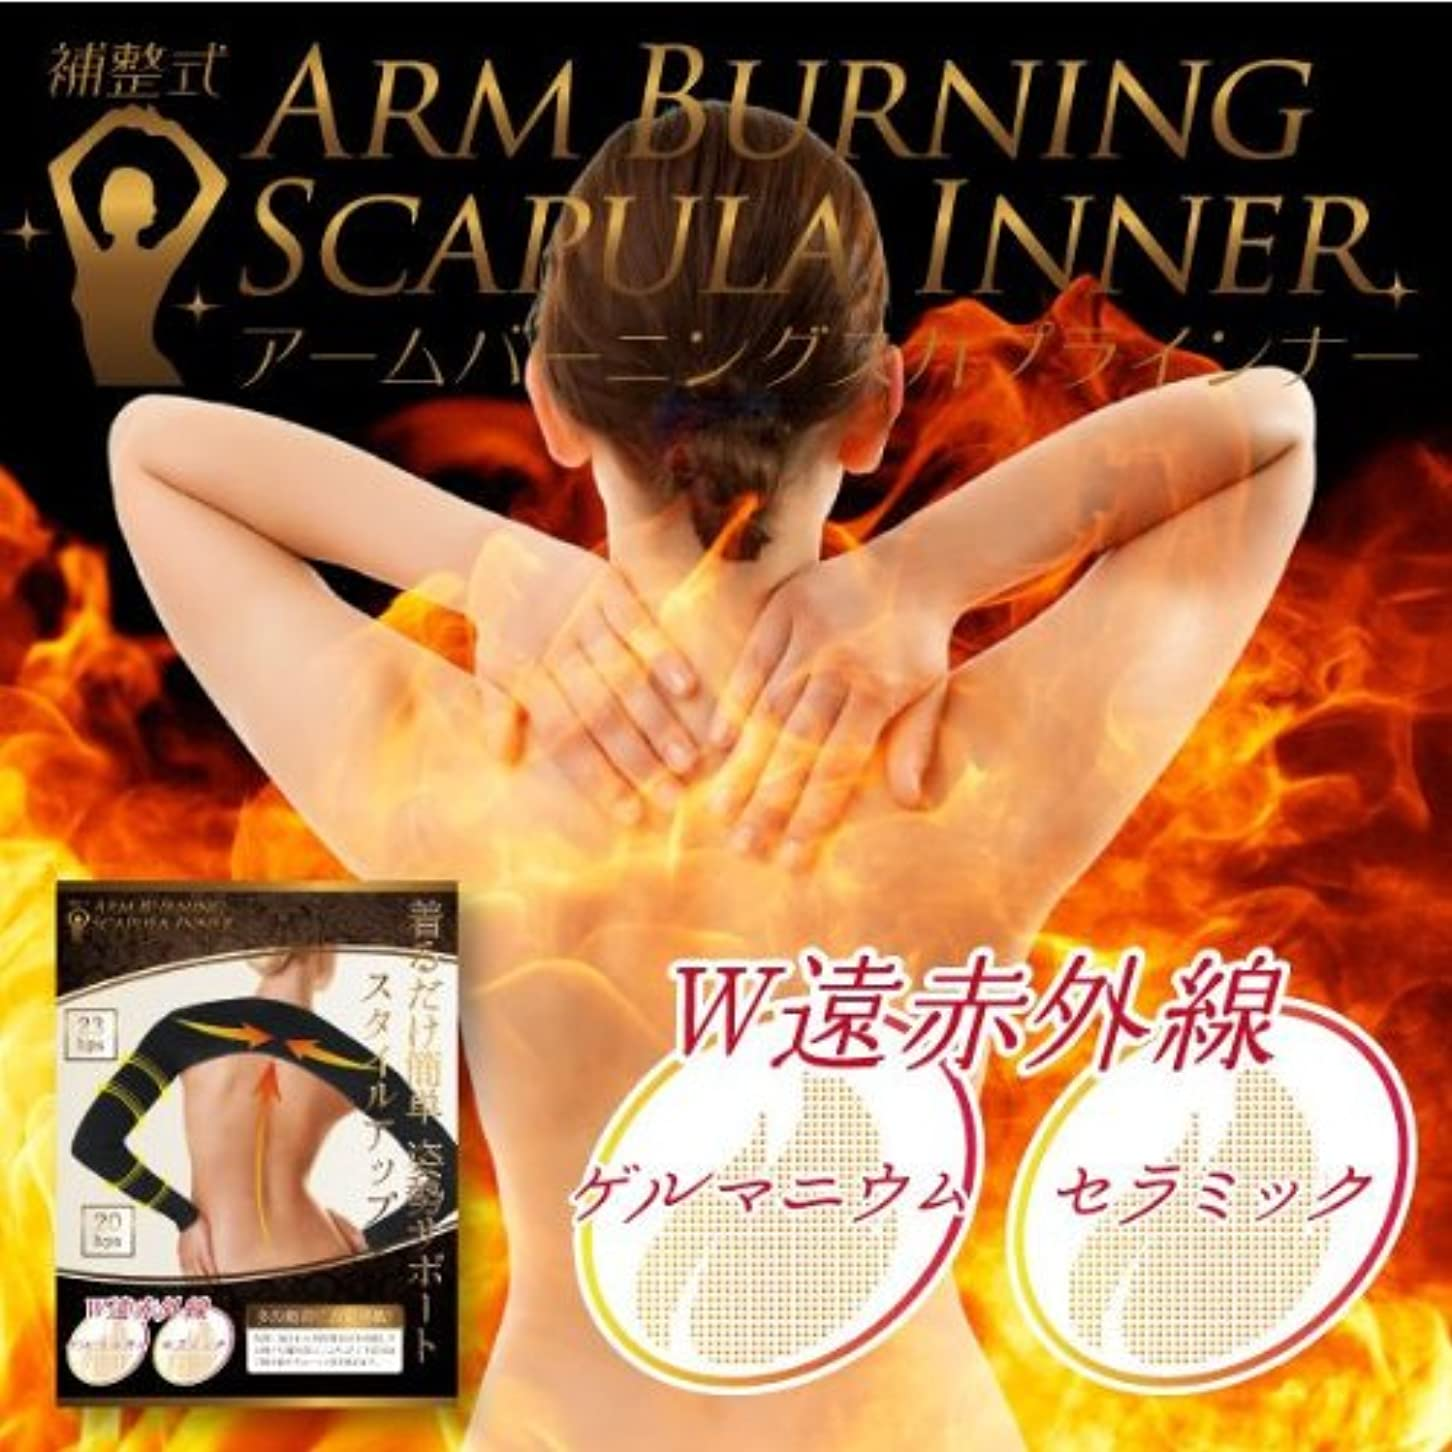 背骨胸ローマ人ビューティプランニング 補整式 アームバーニングスカプラインナー 1枚